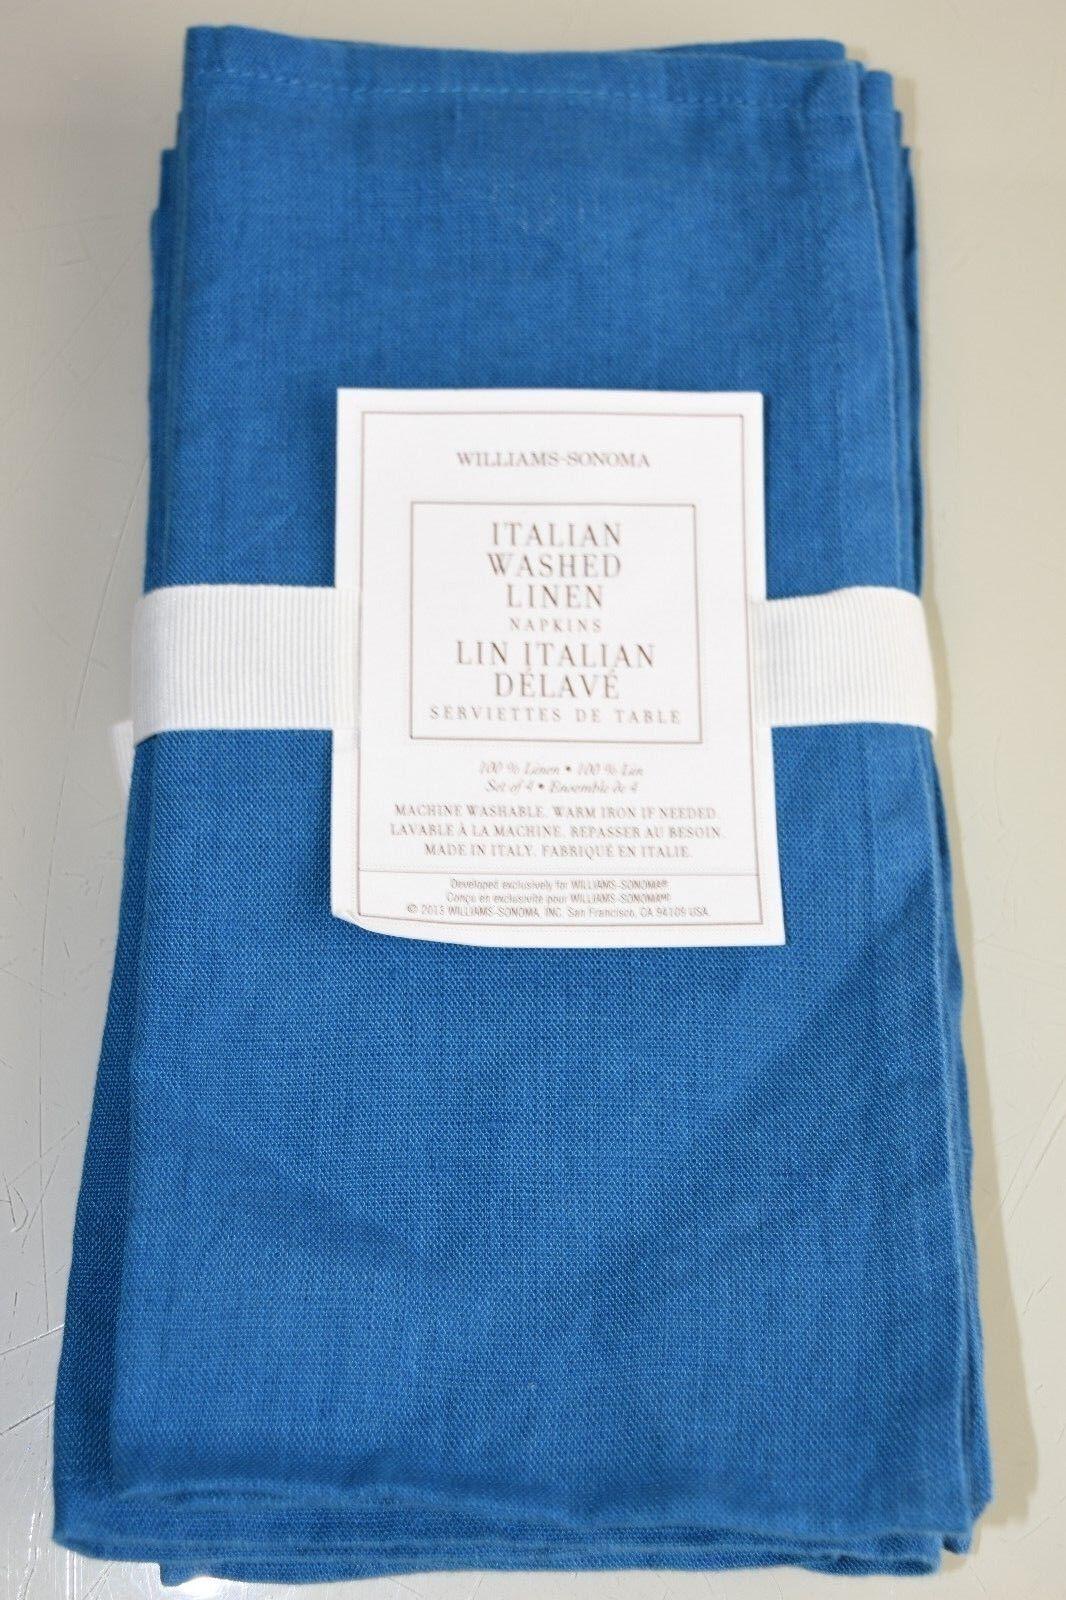 Neu Williams Sonoma Italienischer Vorgewaschen Leinen Leinen Leinen Servietten Set 4   Jeder beschriebene Artikel ist verfügbar  b45c33